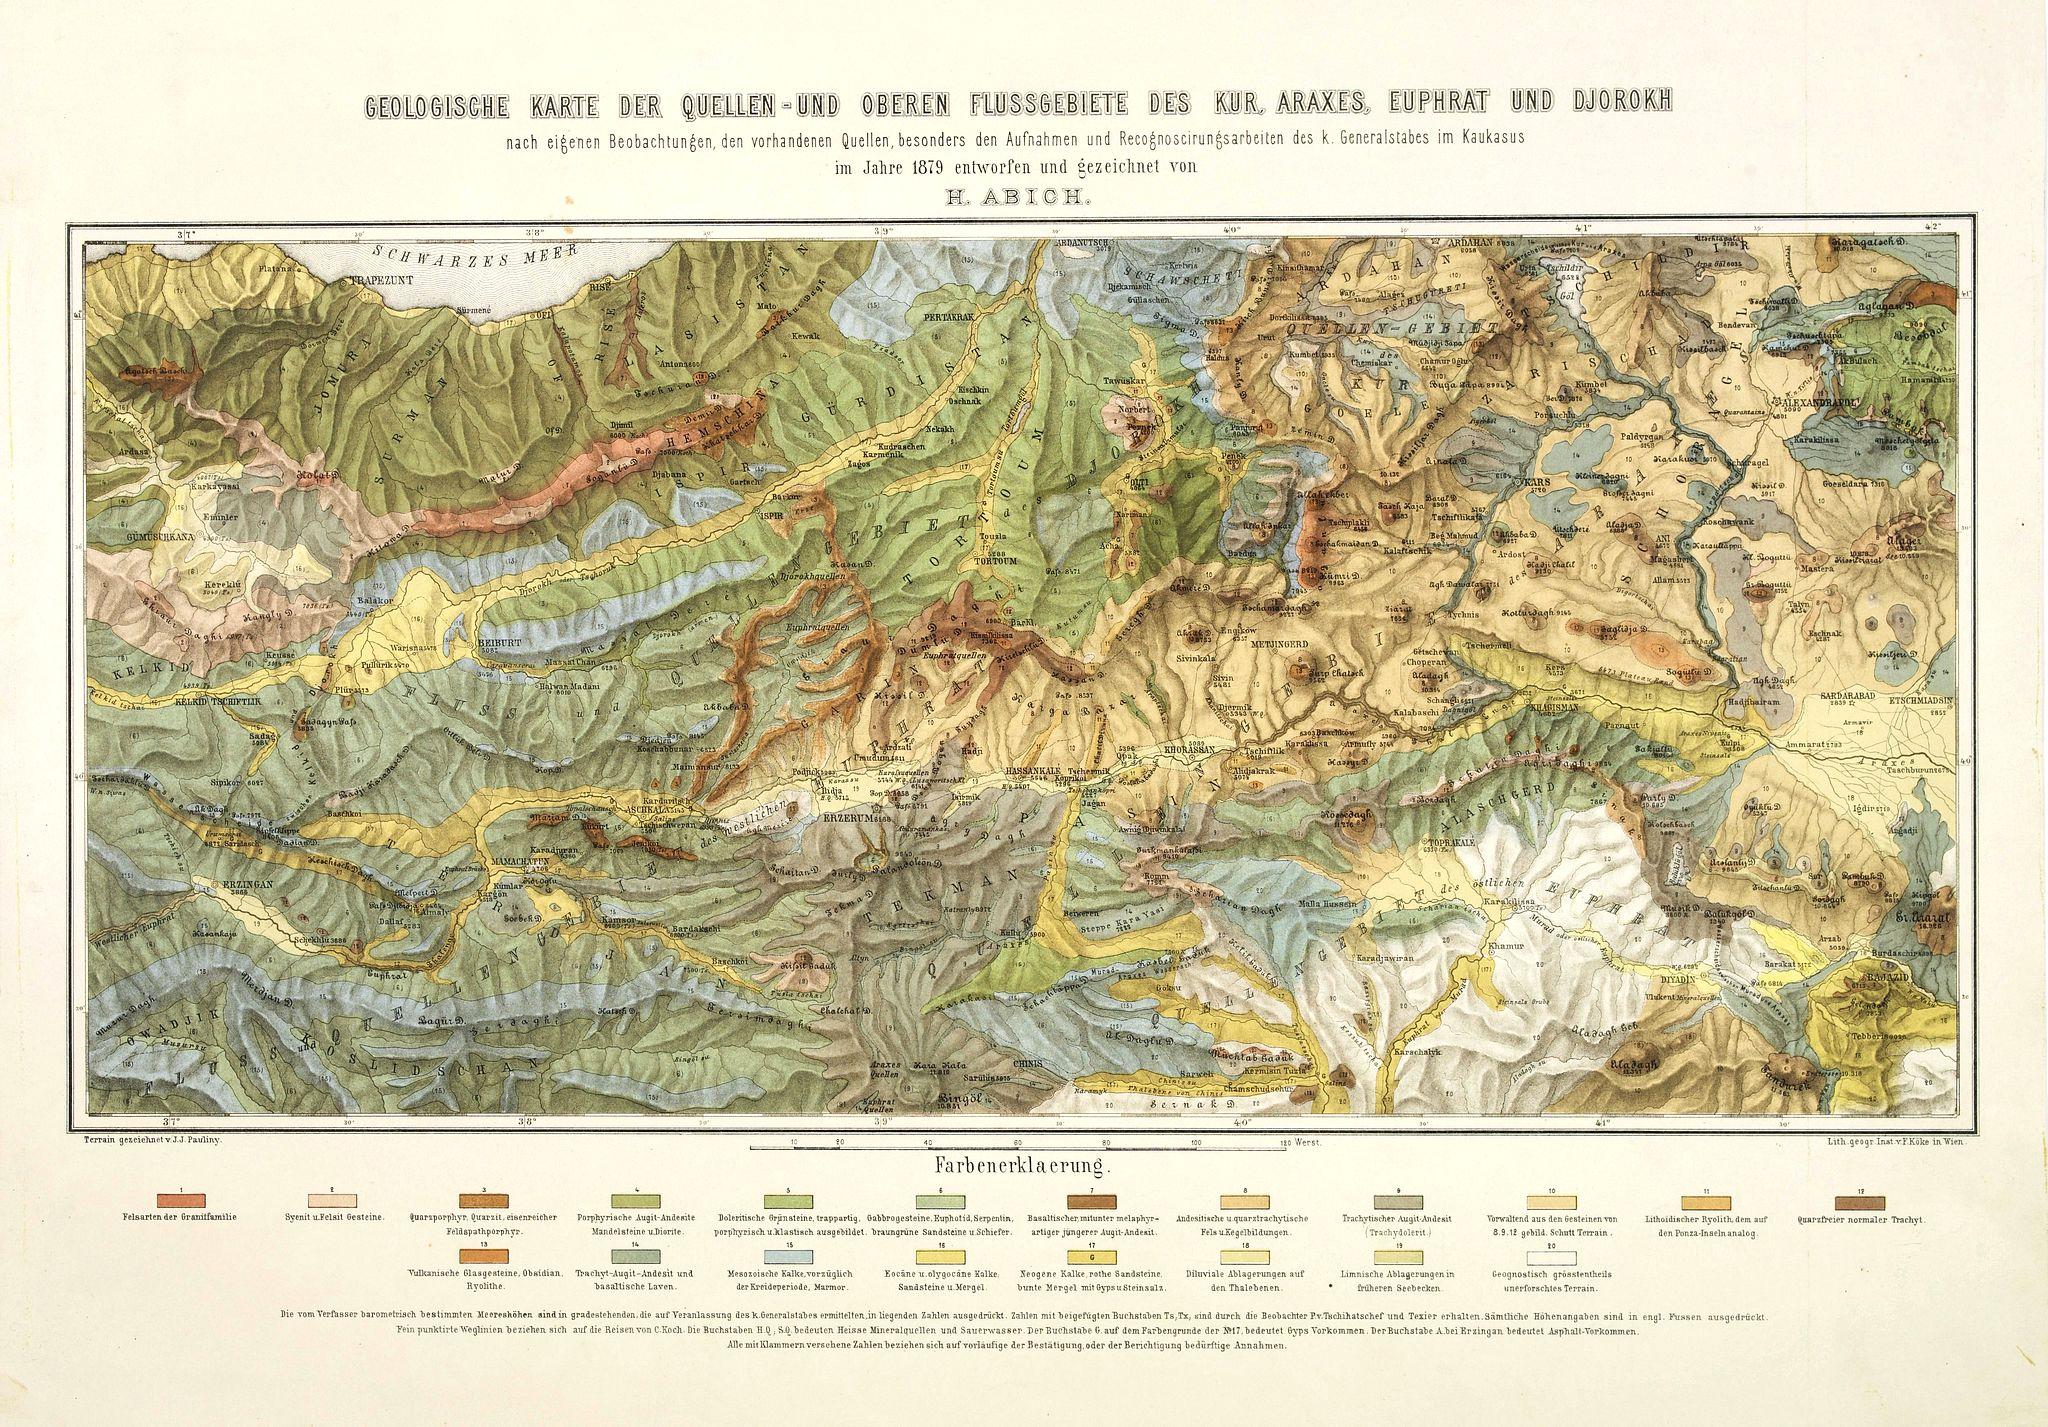 ABICH, H. - Geologische Karte der Quellen-und Oberen Flussgebiete des Kur, Araxes, Euphrat und Djorokh